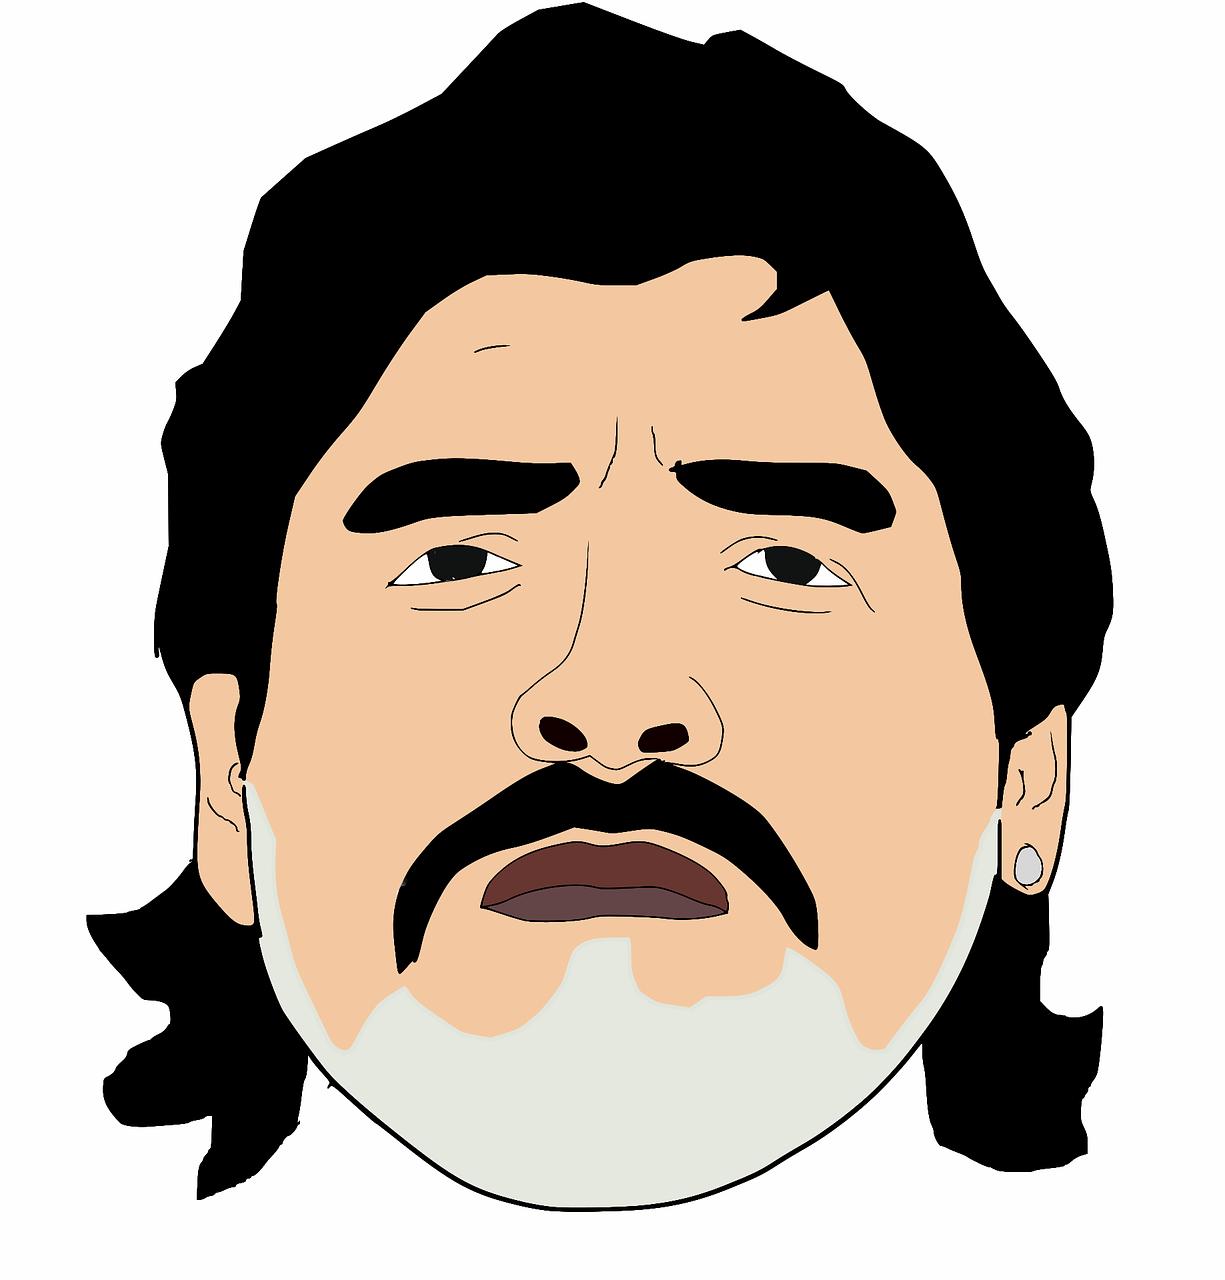 A drawing of Diego Maradona